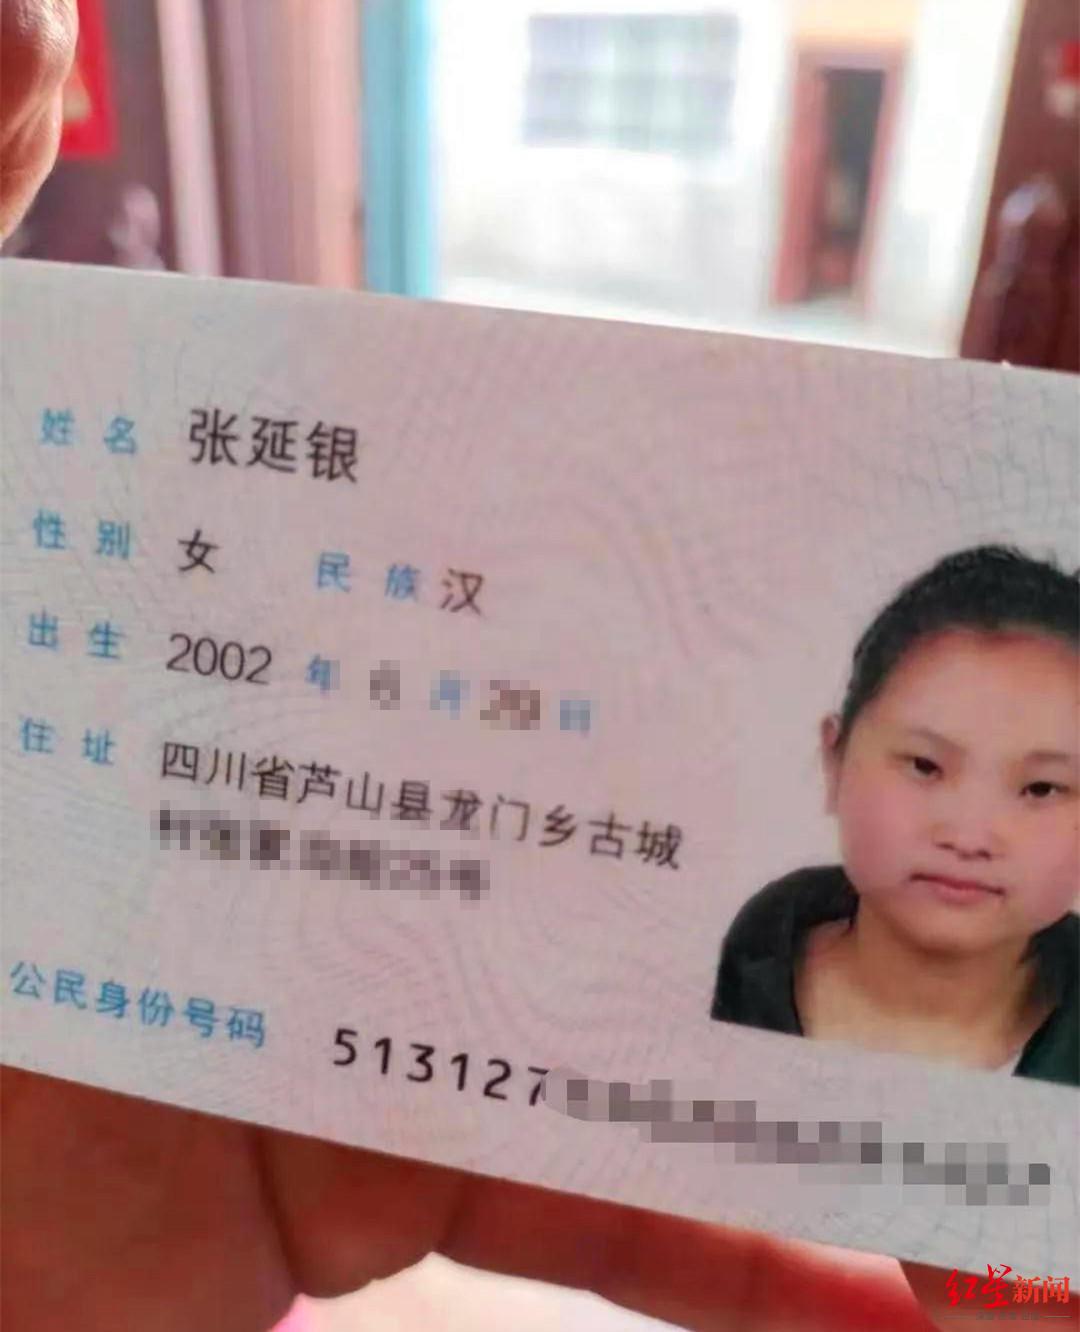 身份证显示 张延银未满19岁